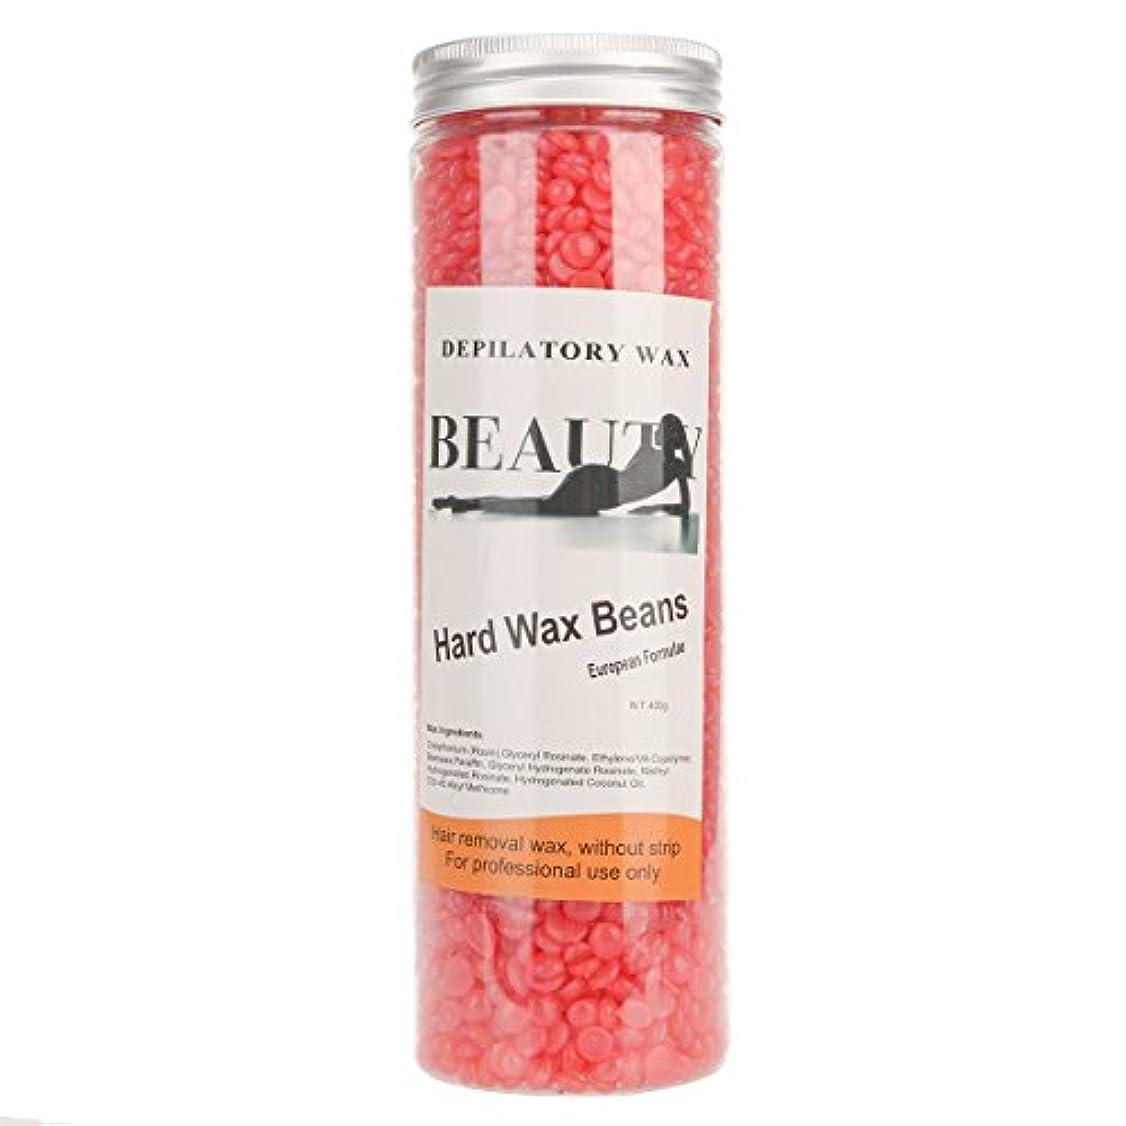 挽くネブぎこちない(アーニェメイ)Bonjanvy ハードワックスキット 400g 1缶 ブラジリアンワックス デリケートゾーン 鼻毛 脱毛ワックス-イチゴ